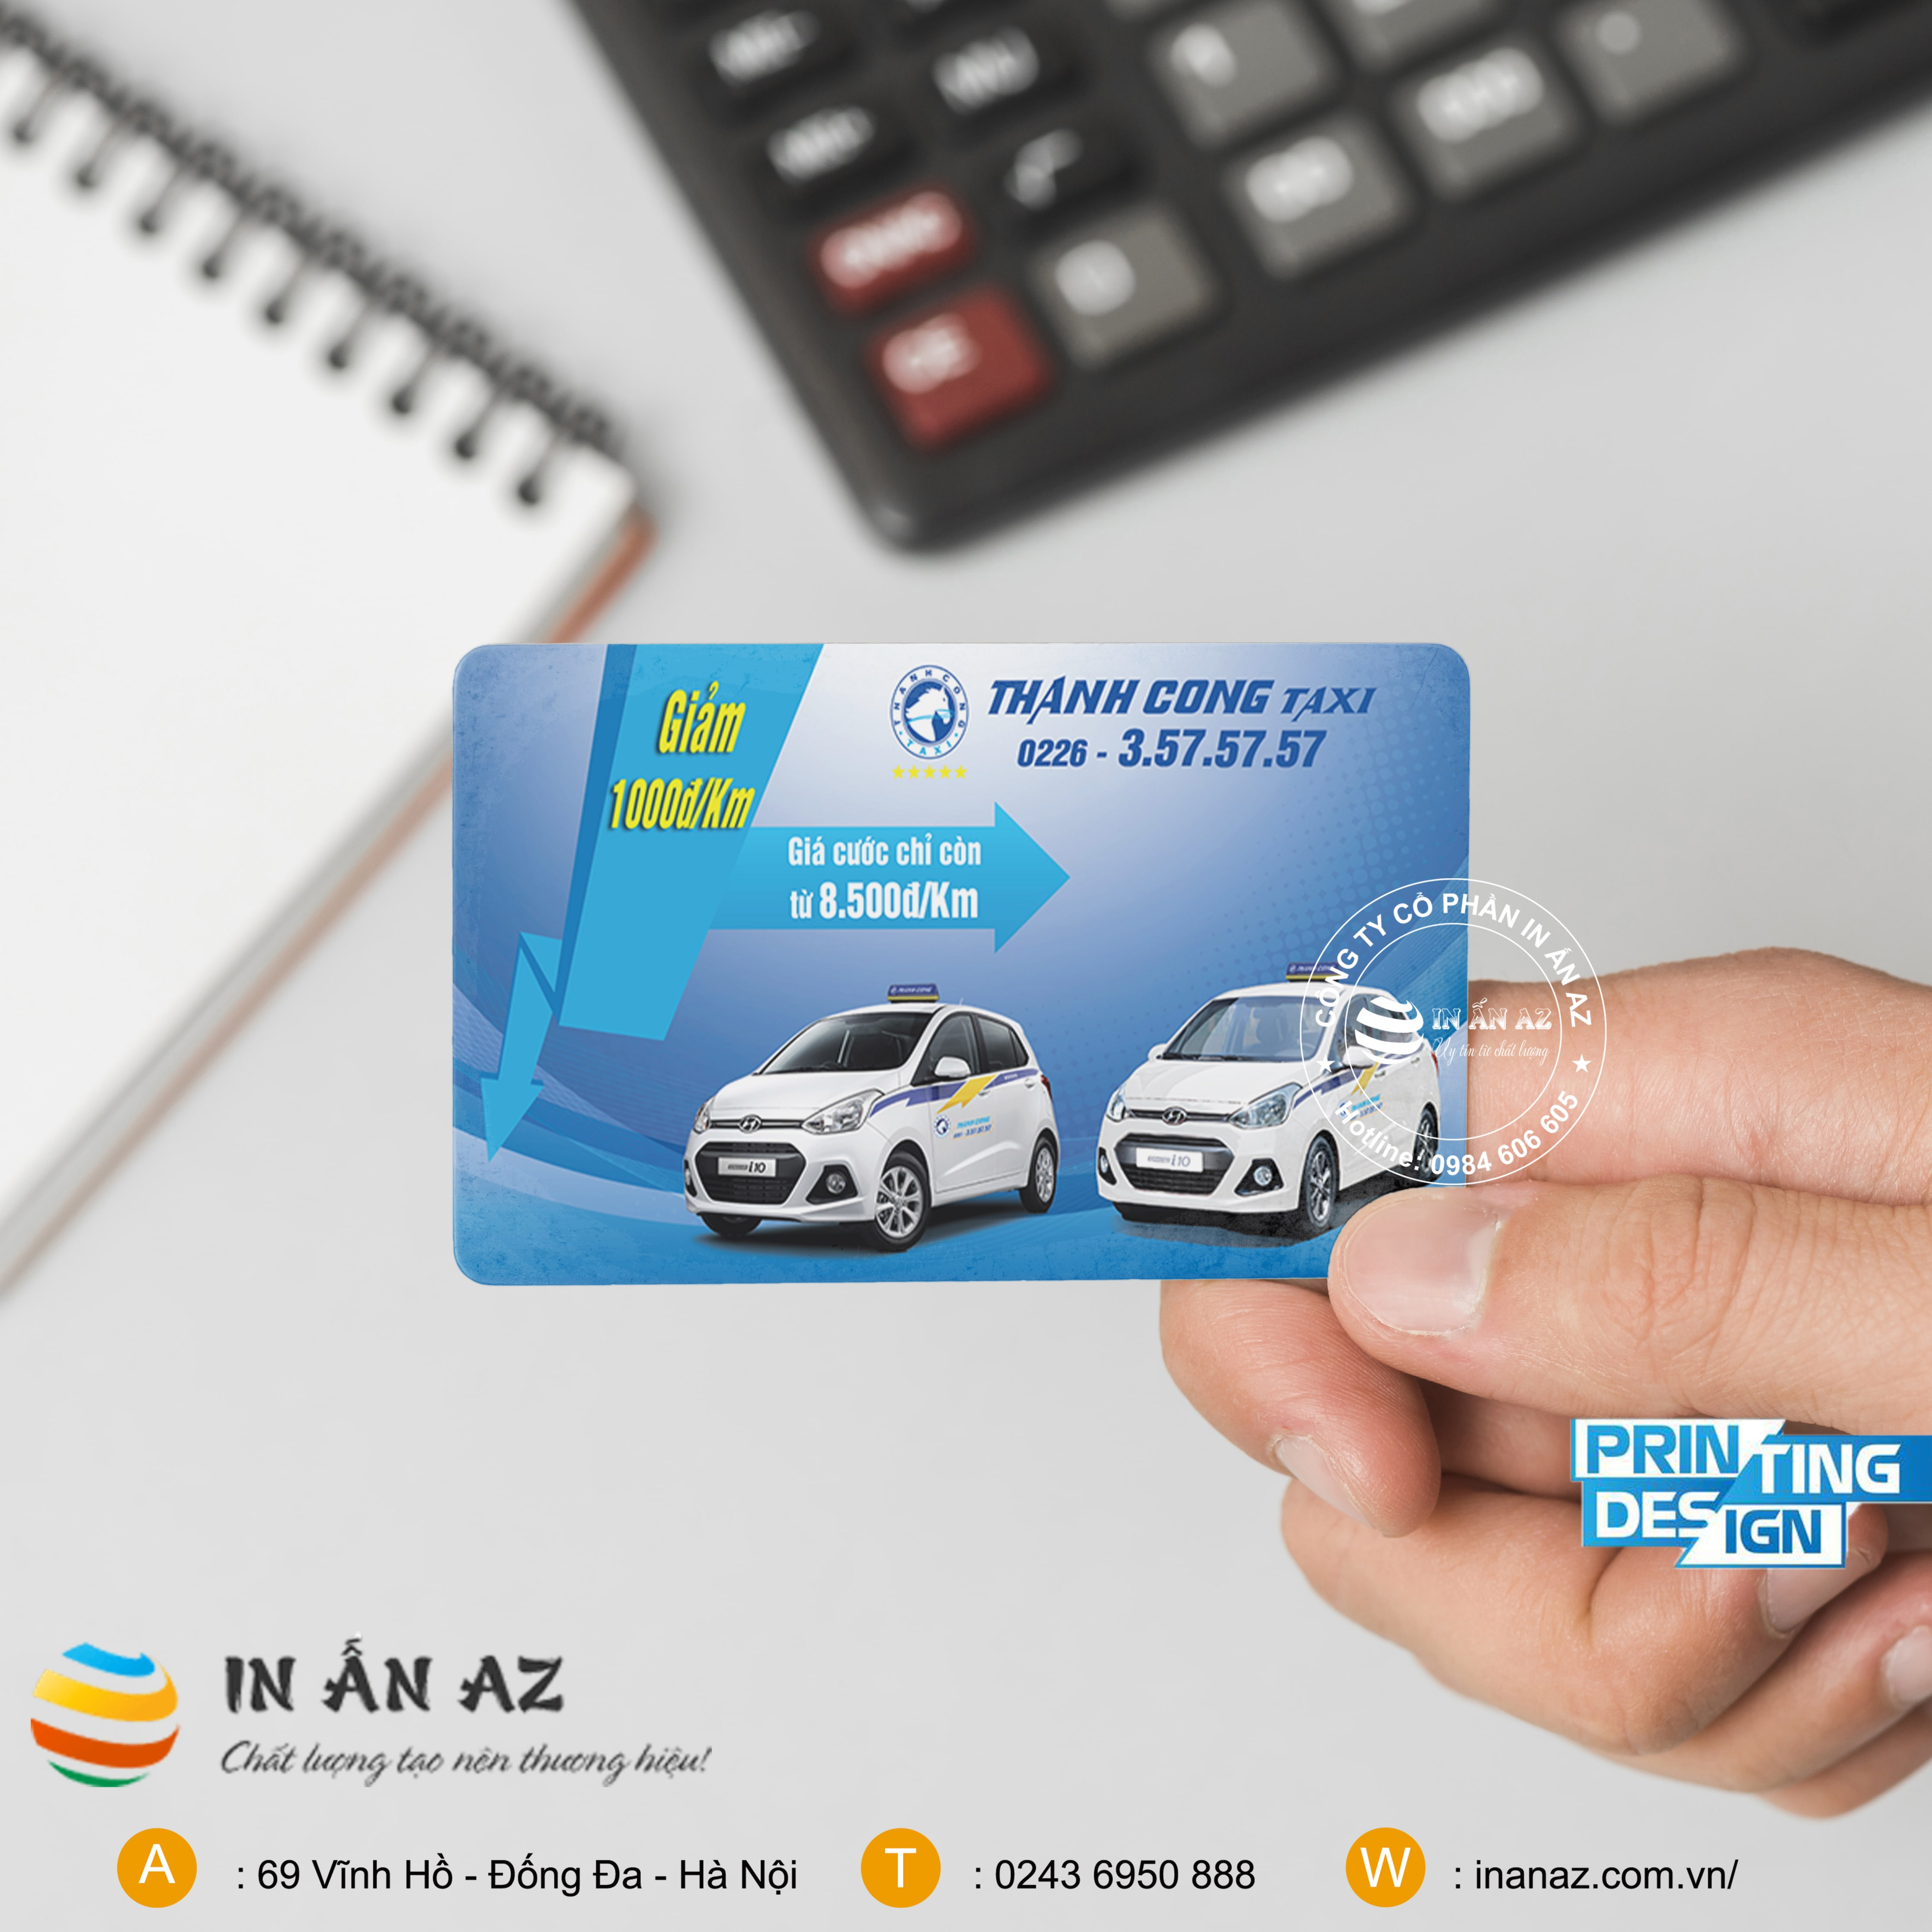 thông tin bạn cần biết về Card Visit Taxi